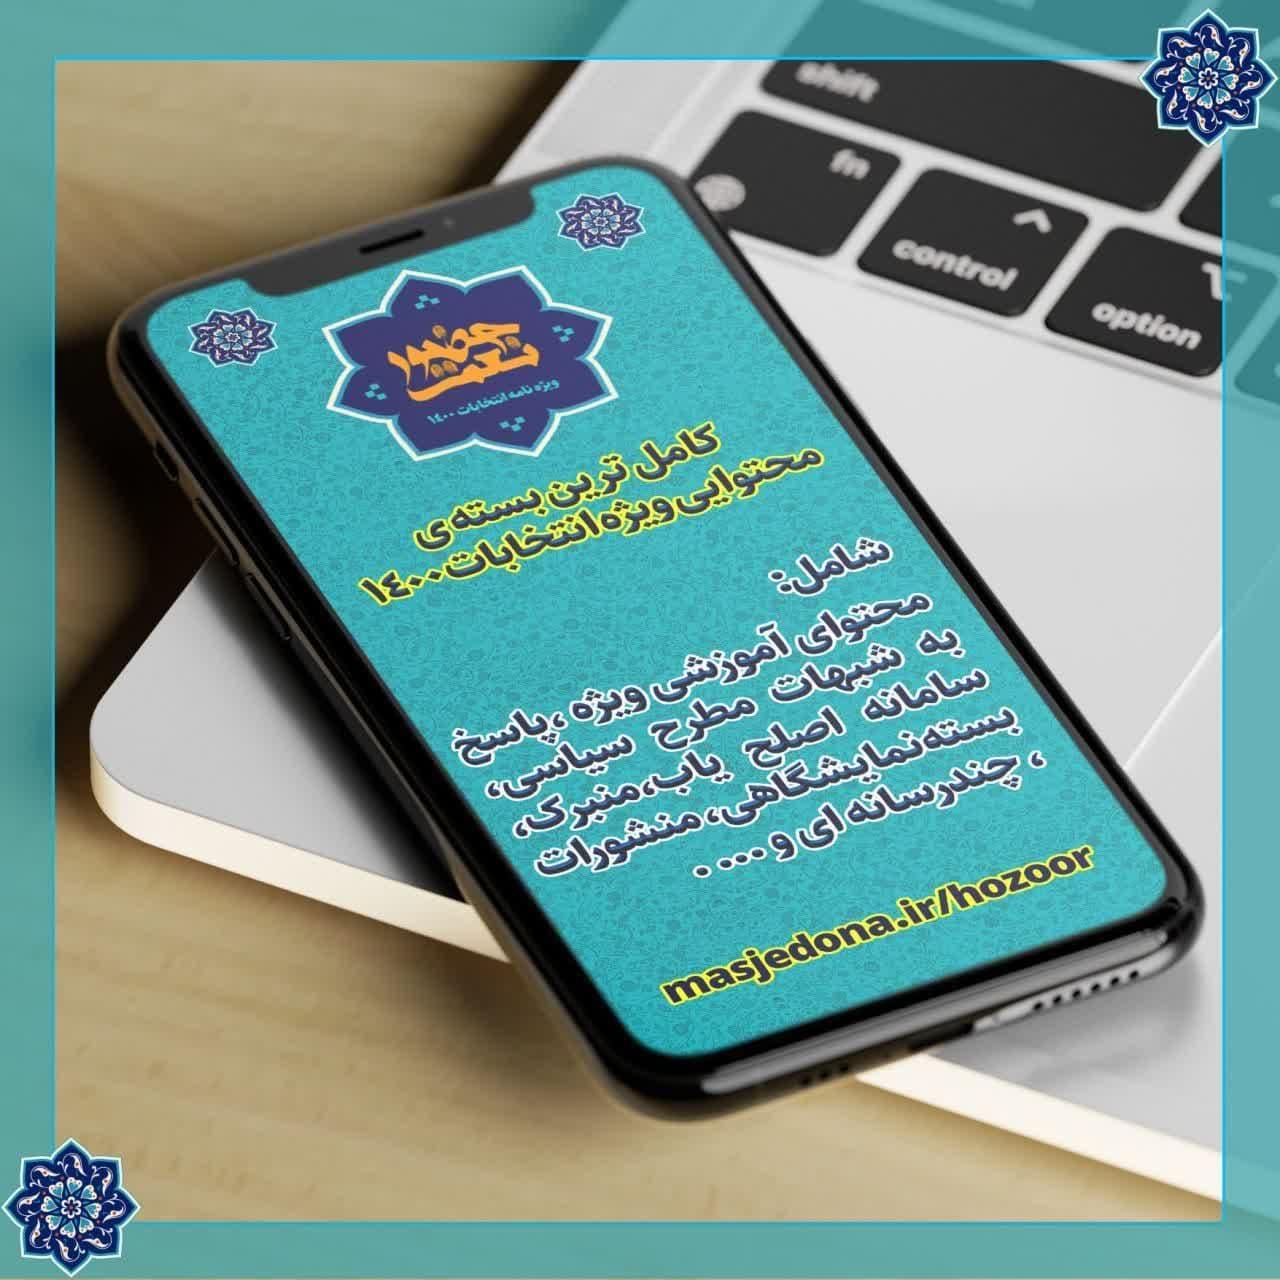 «نعمتِ حضور»؛ ویژهنامهی محتوایی همسنگرهای مسجدی